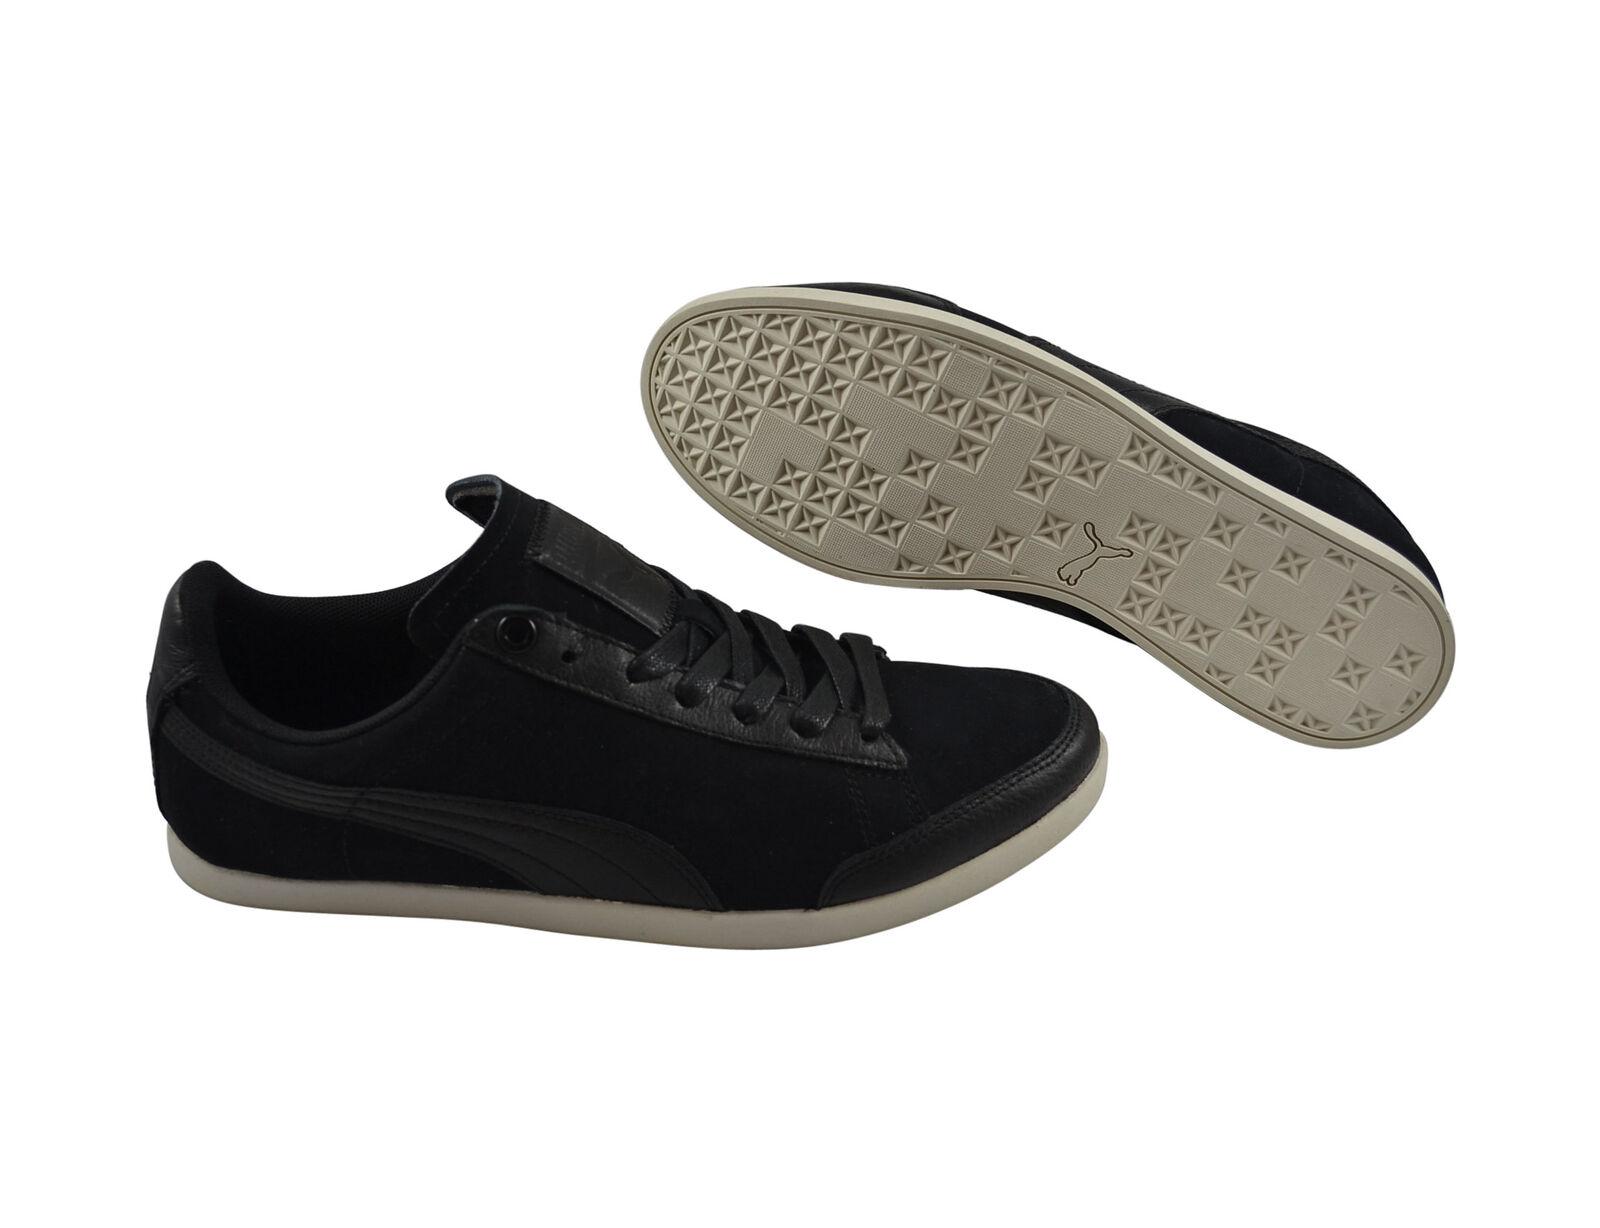 Puma Catskil NB black/dark shadow/white swan Schuhe/Sneaker 356599 02 Neu